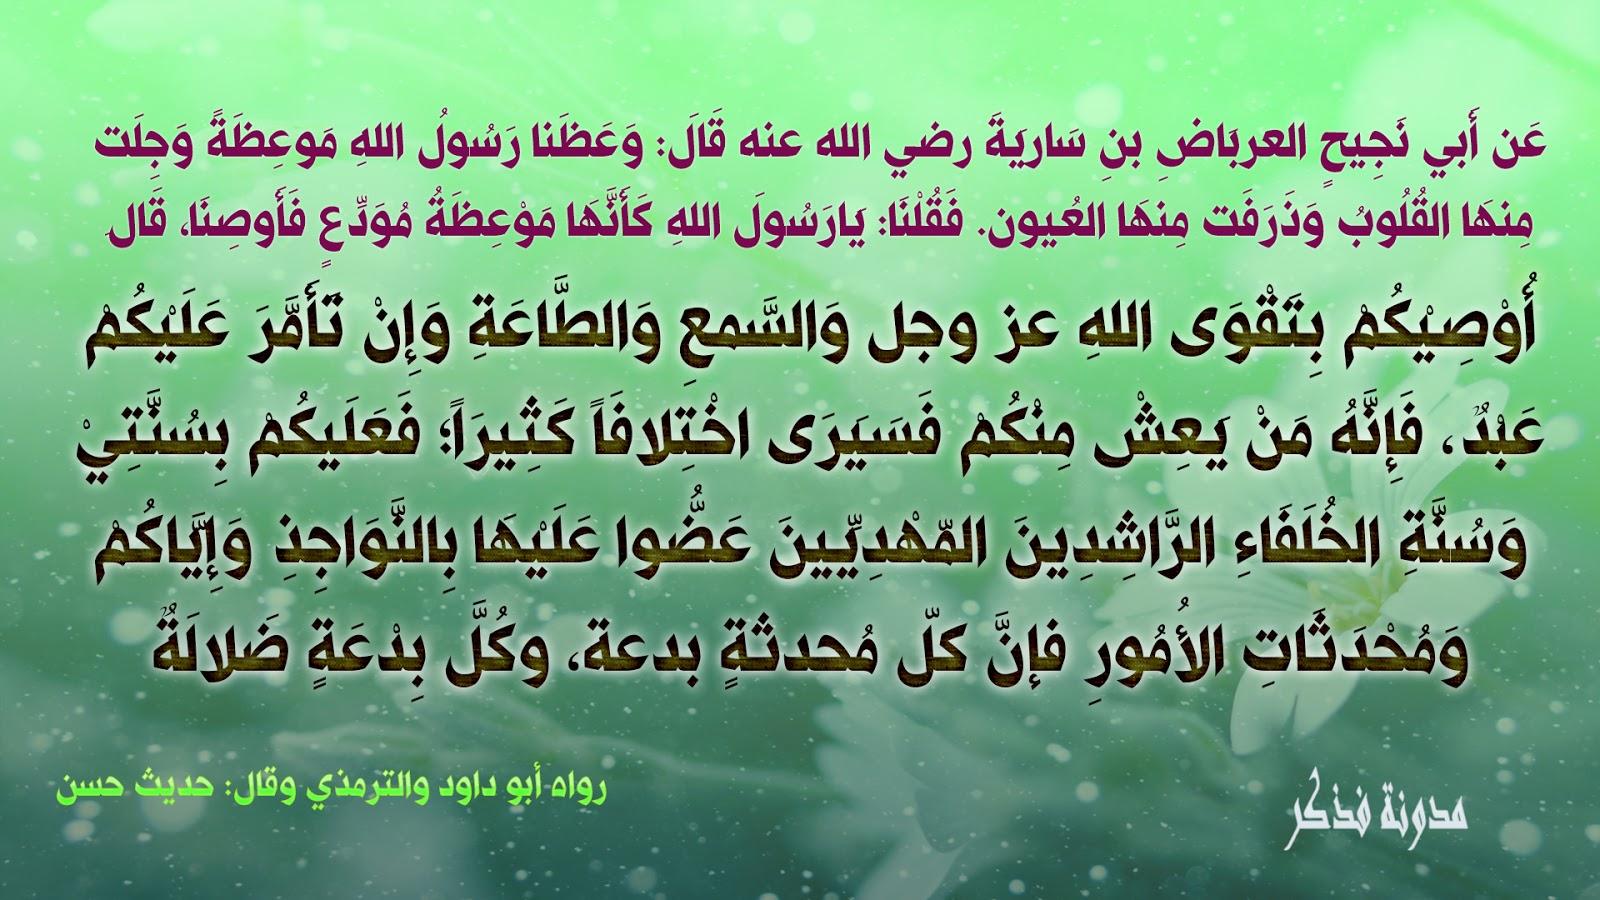 """""""طالع"""" كون الابتداع في الدين من اعظم ابواب الفرقه والضلال"""